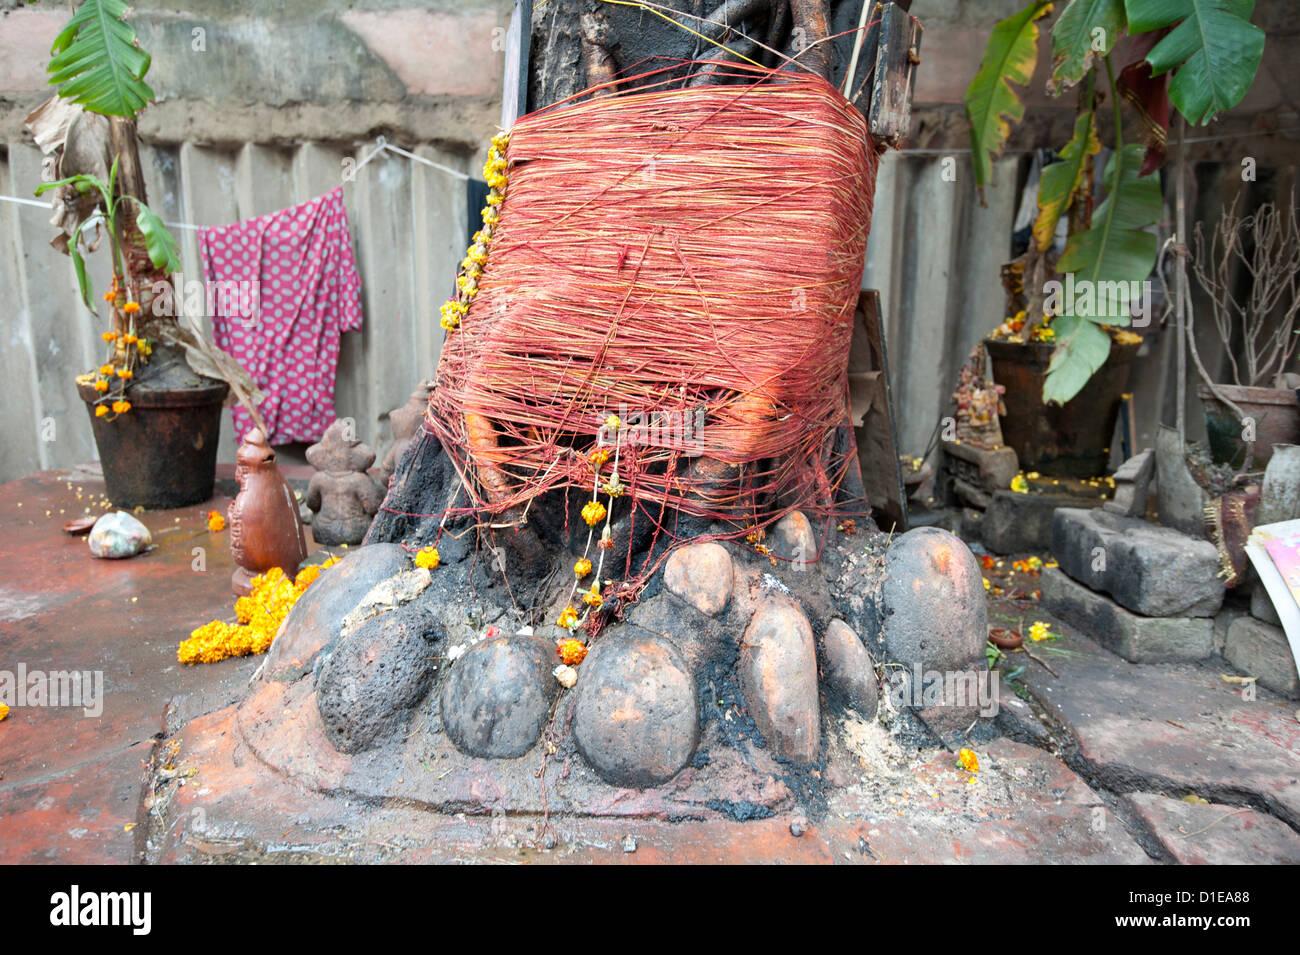 Sanctuaire hindou autour d'arbre, décoré de guirlandes et de souci rouge sacré des chaînes, Photo Stock